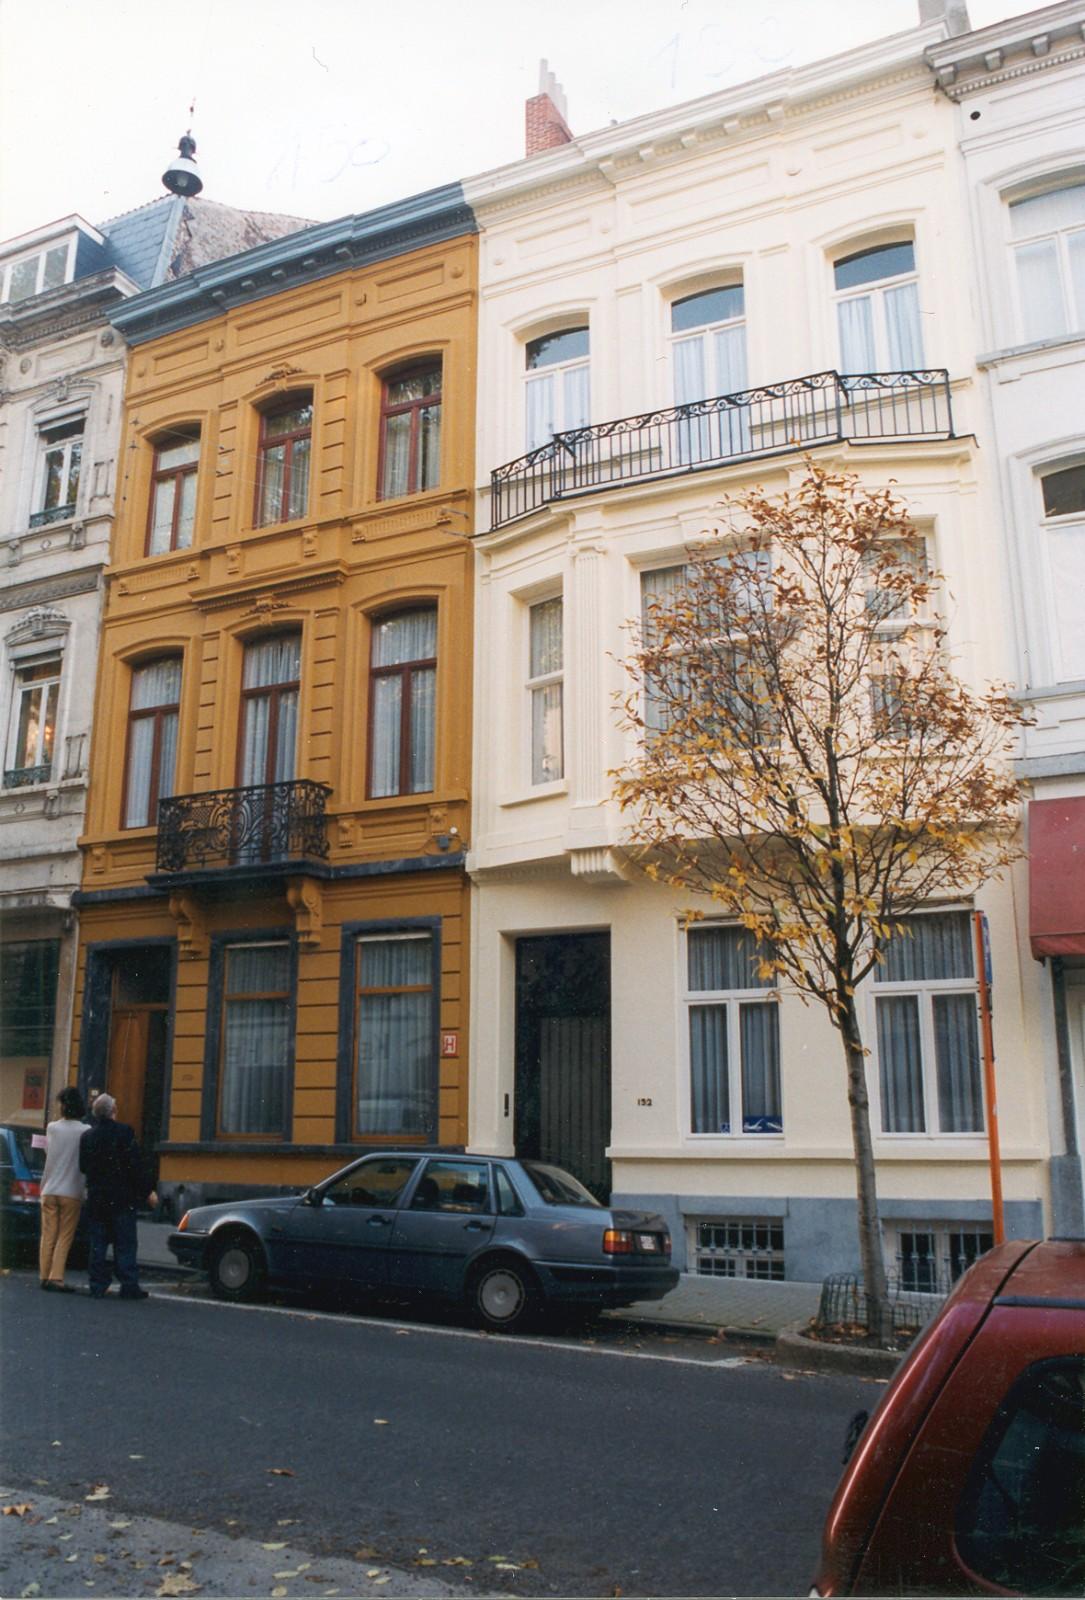 Berckmansstraat 150, 152., 1999